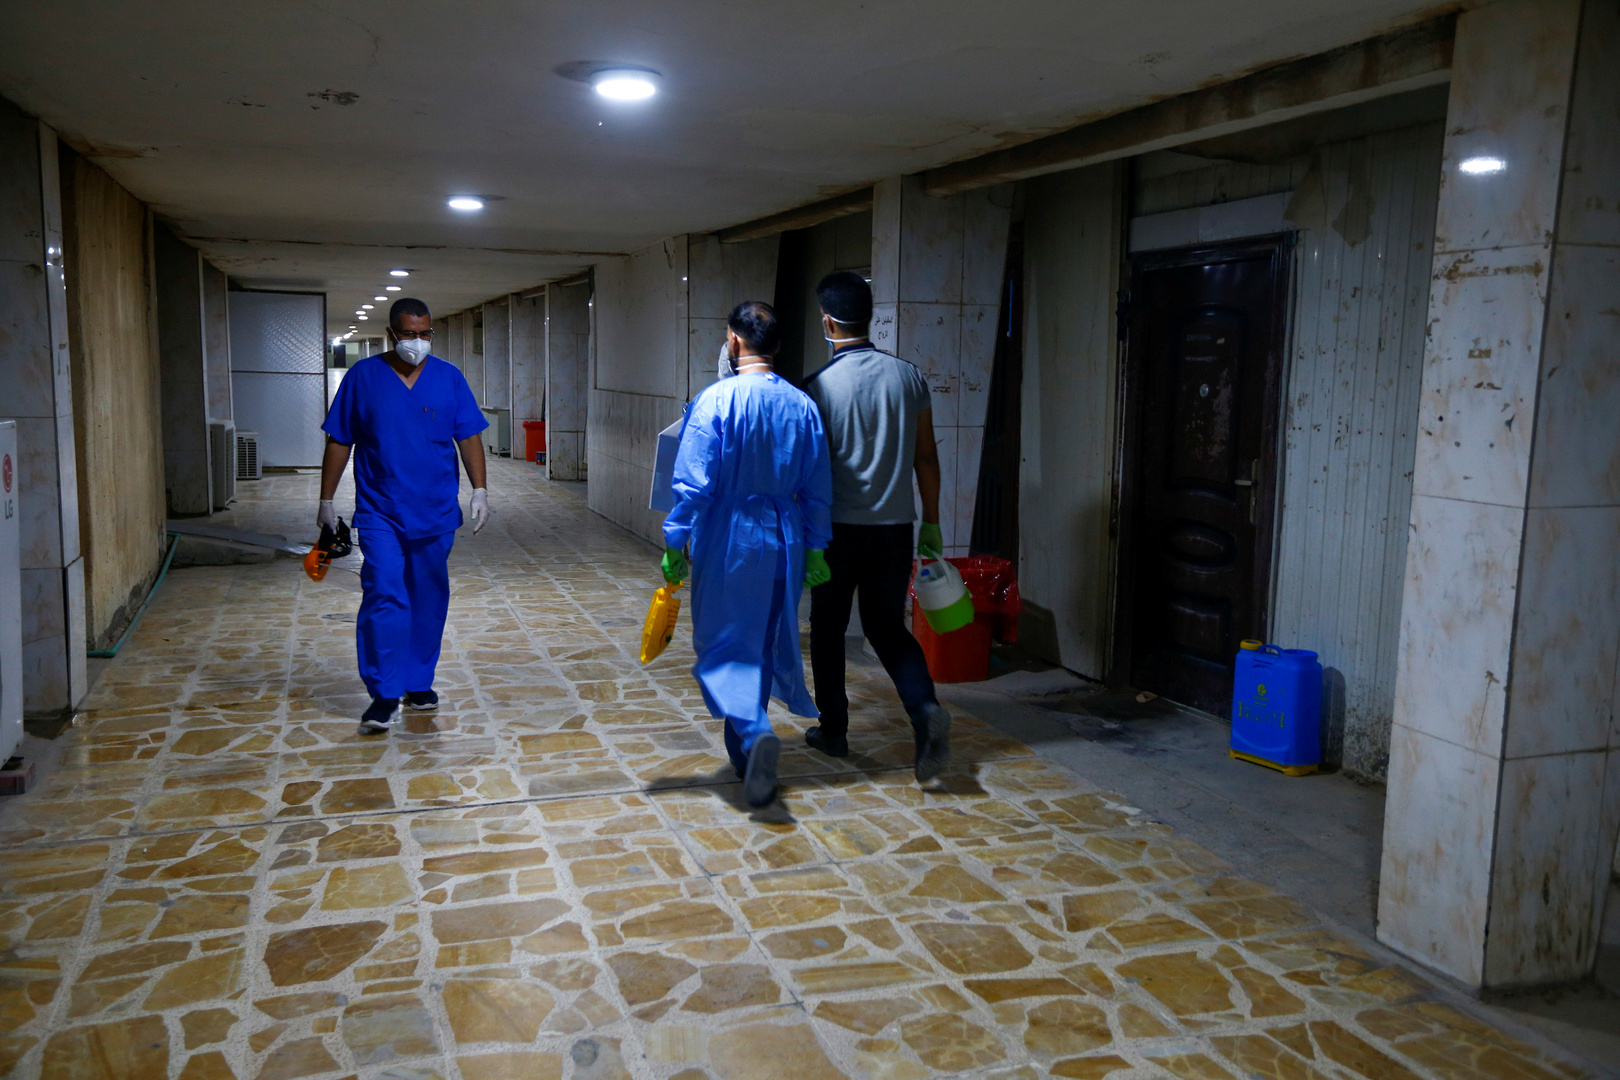 العراق.. ارتفاع أعداد المصابين بفيروس كورونا